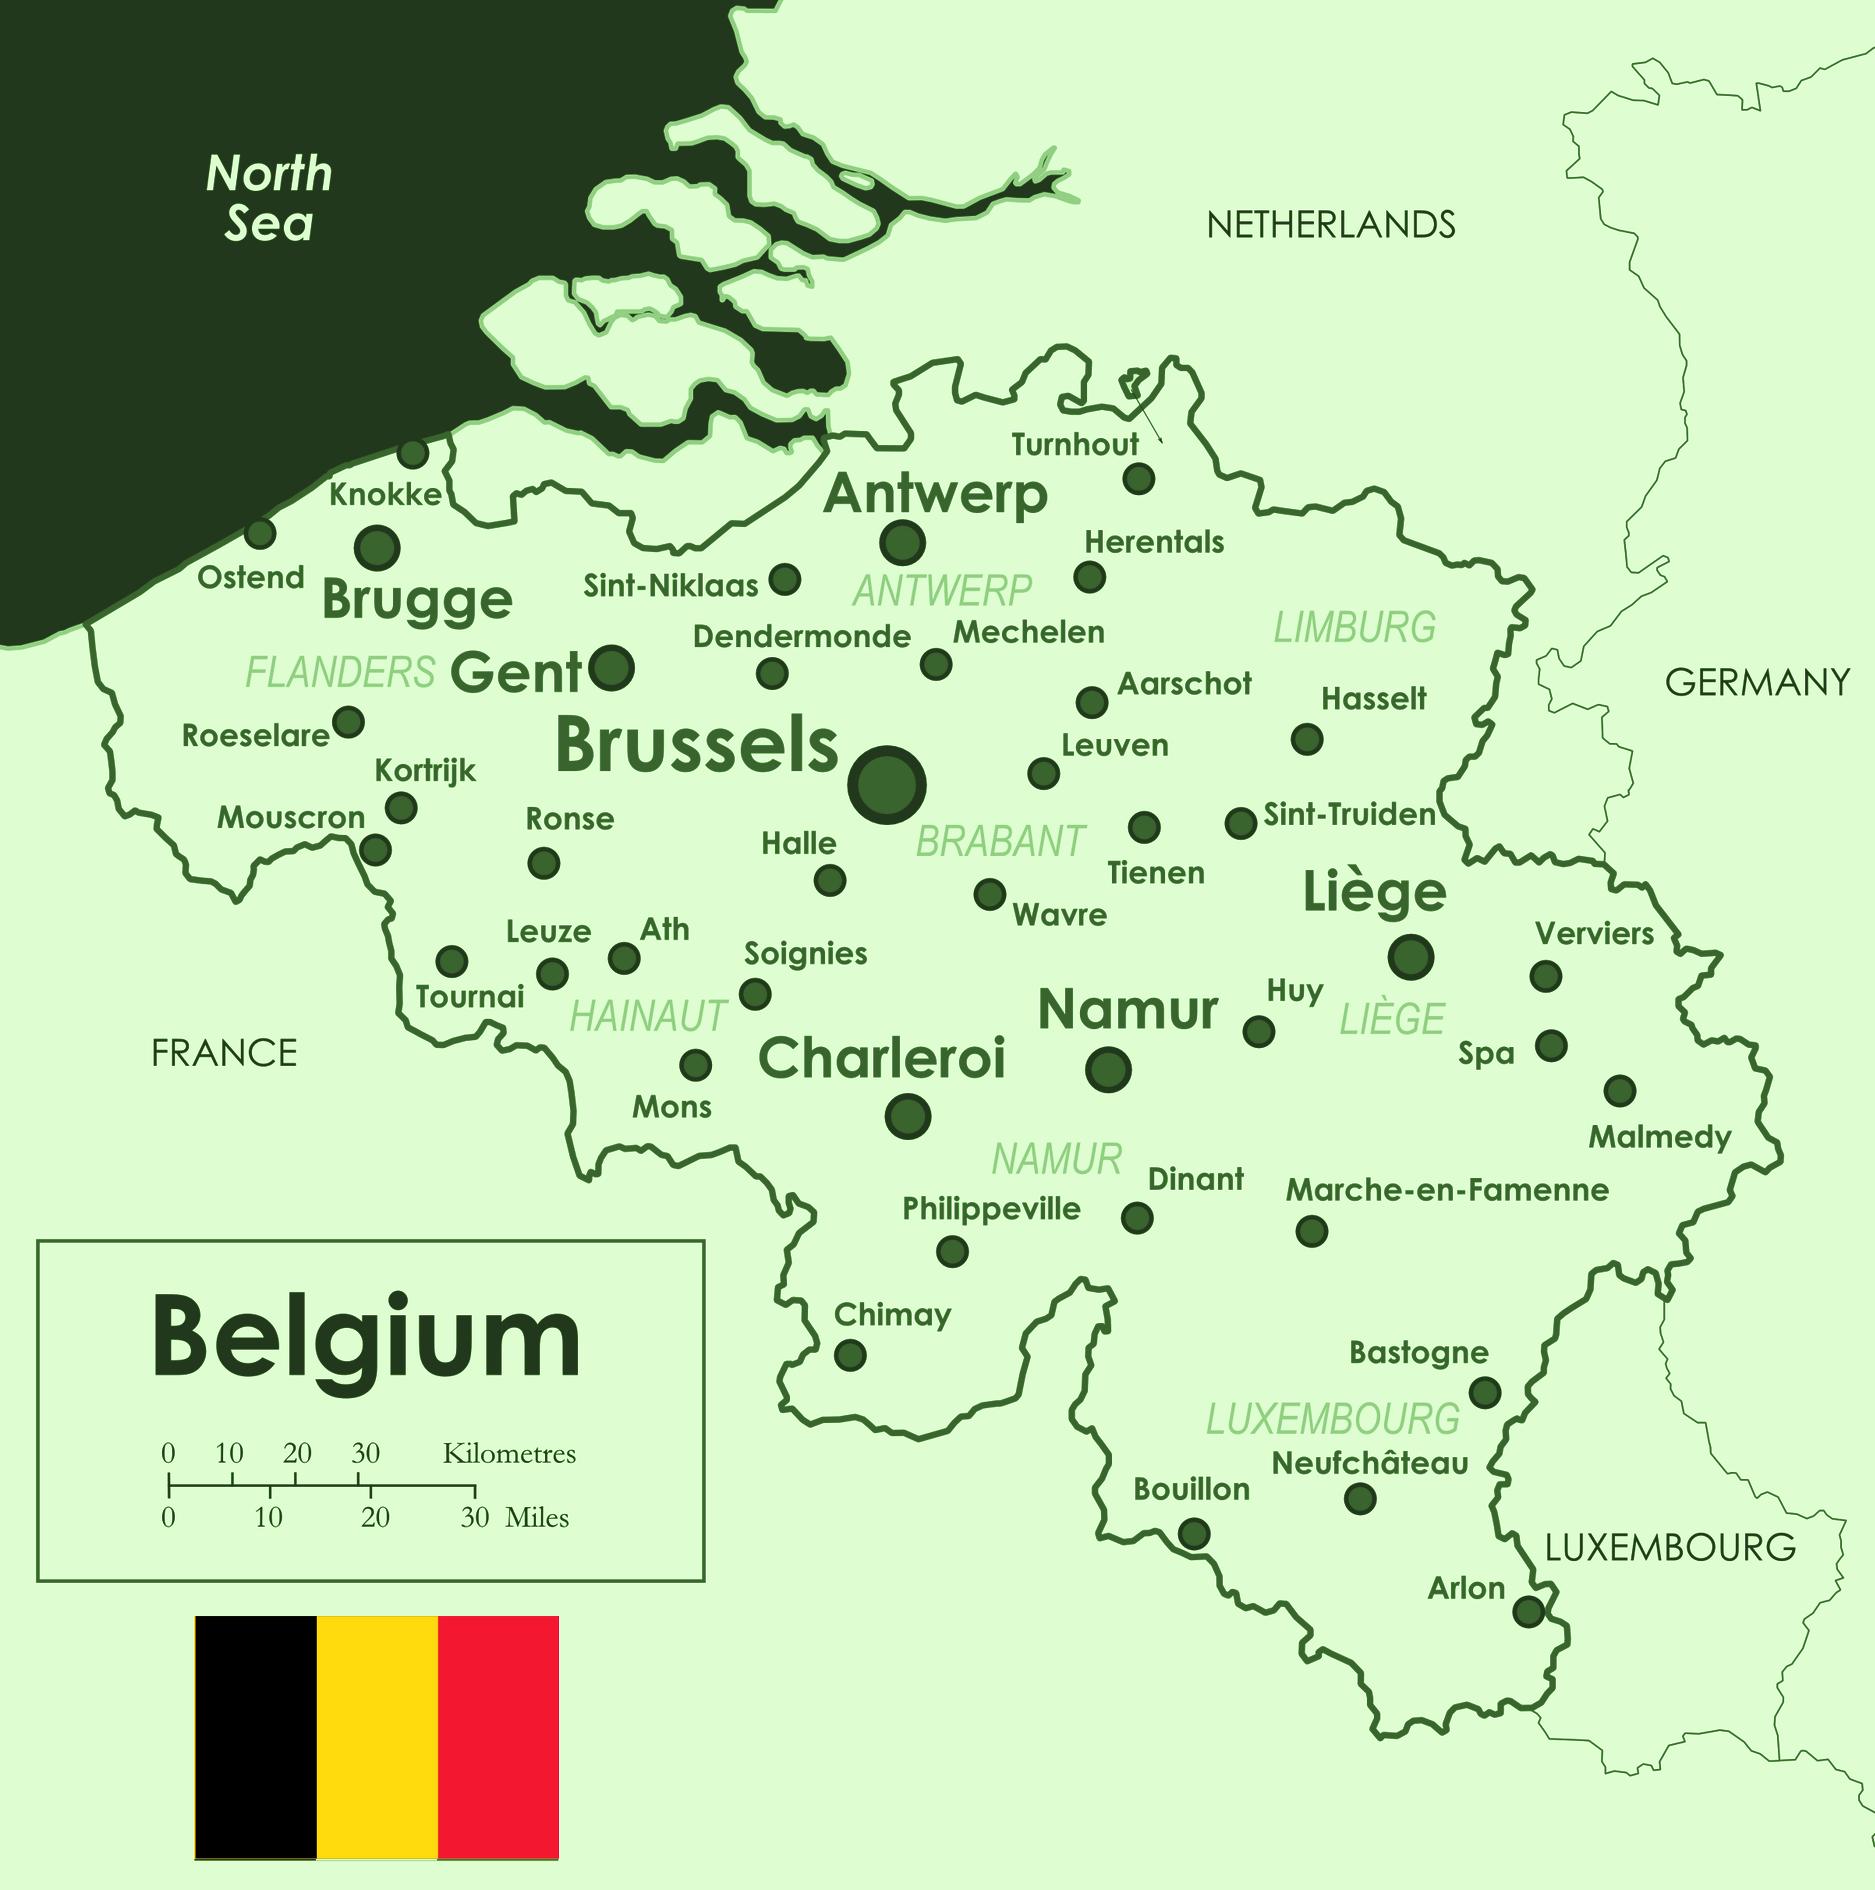 Anspruchsvoll Weltkarte Mit Städten Beste Wahl Landkarte Belgien (Übersichtskarte/städte)